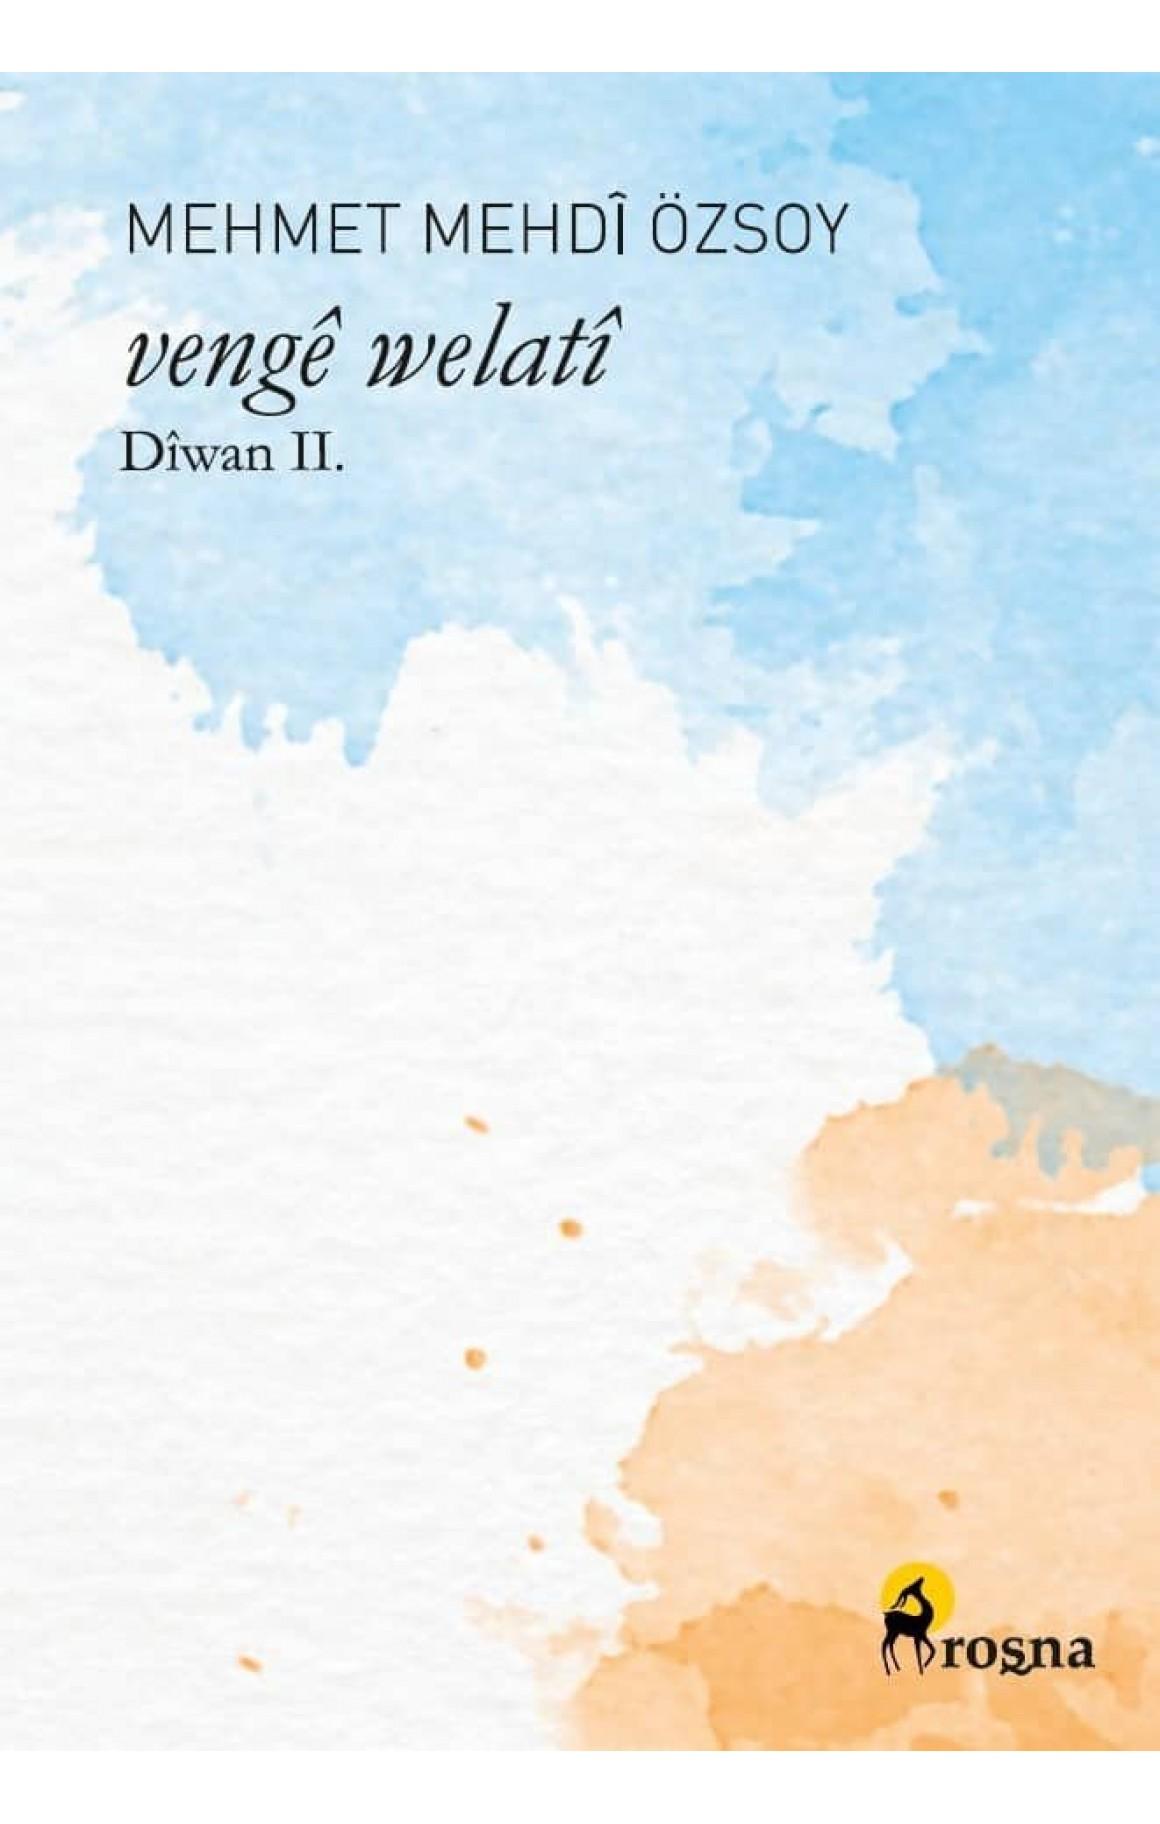 Vengê Welatî Dîwan II